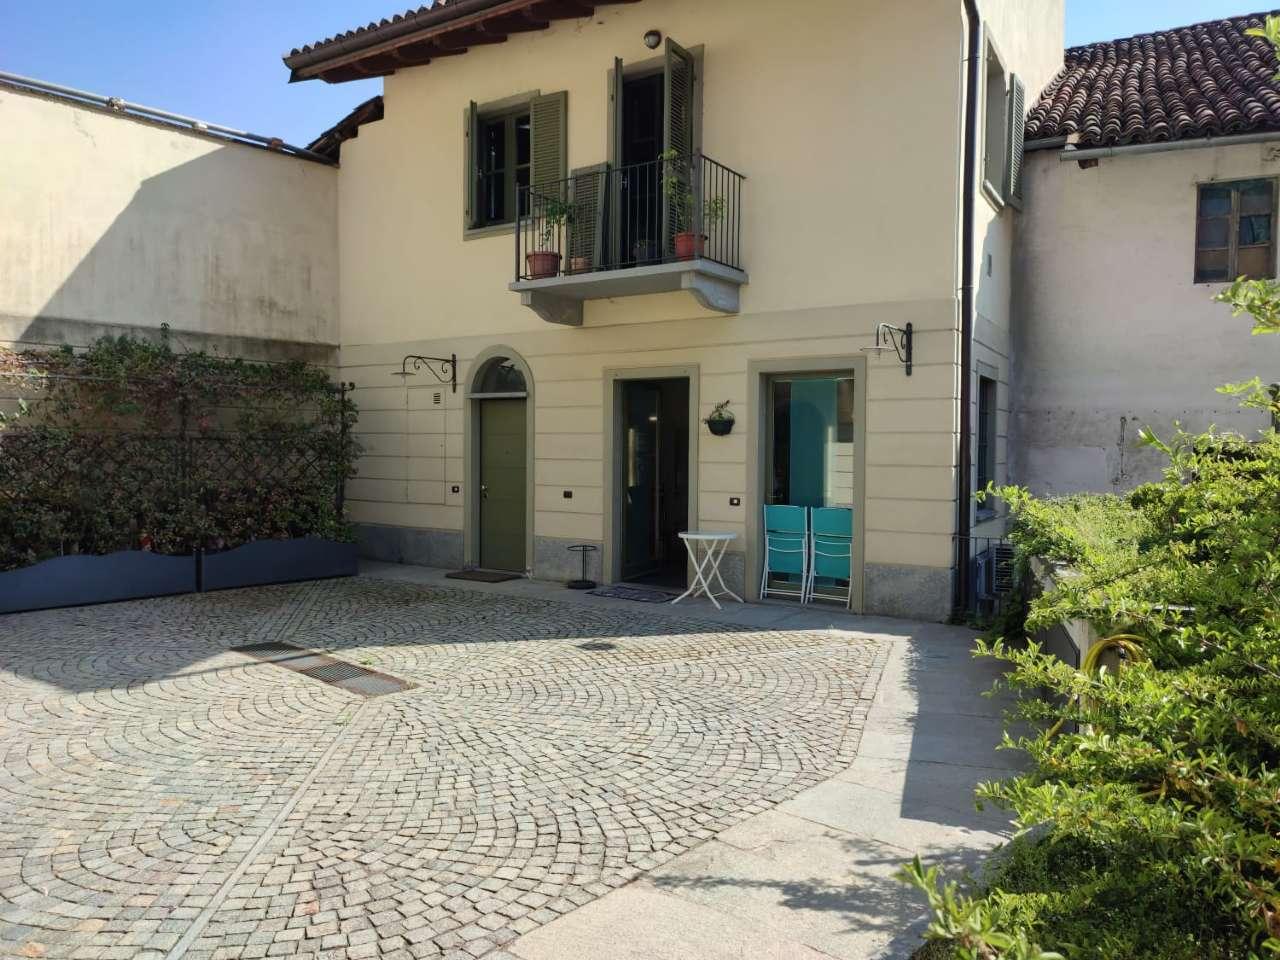 Negozio / Locale in vendita a Montanaro, 1 locali, prezzo € 39.000 | CambioCasa.it